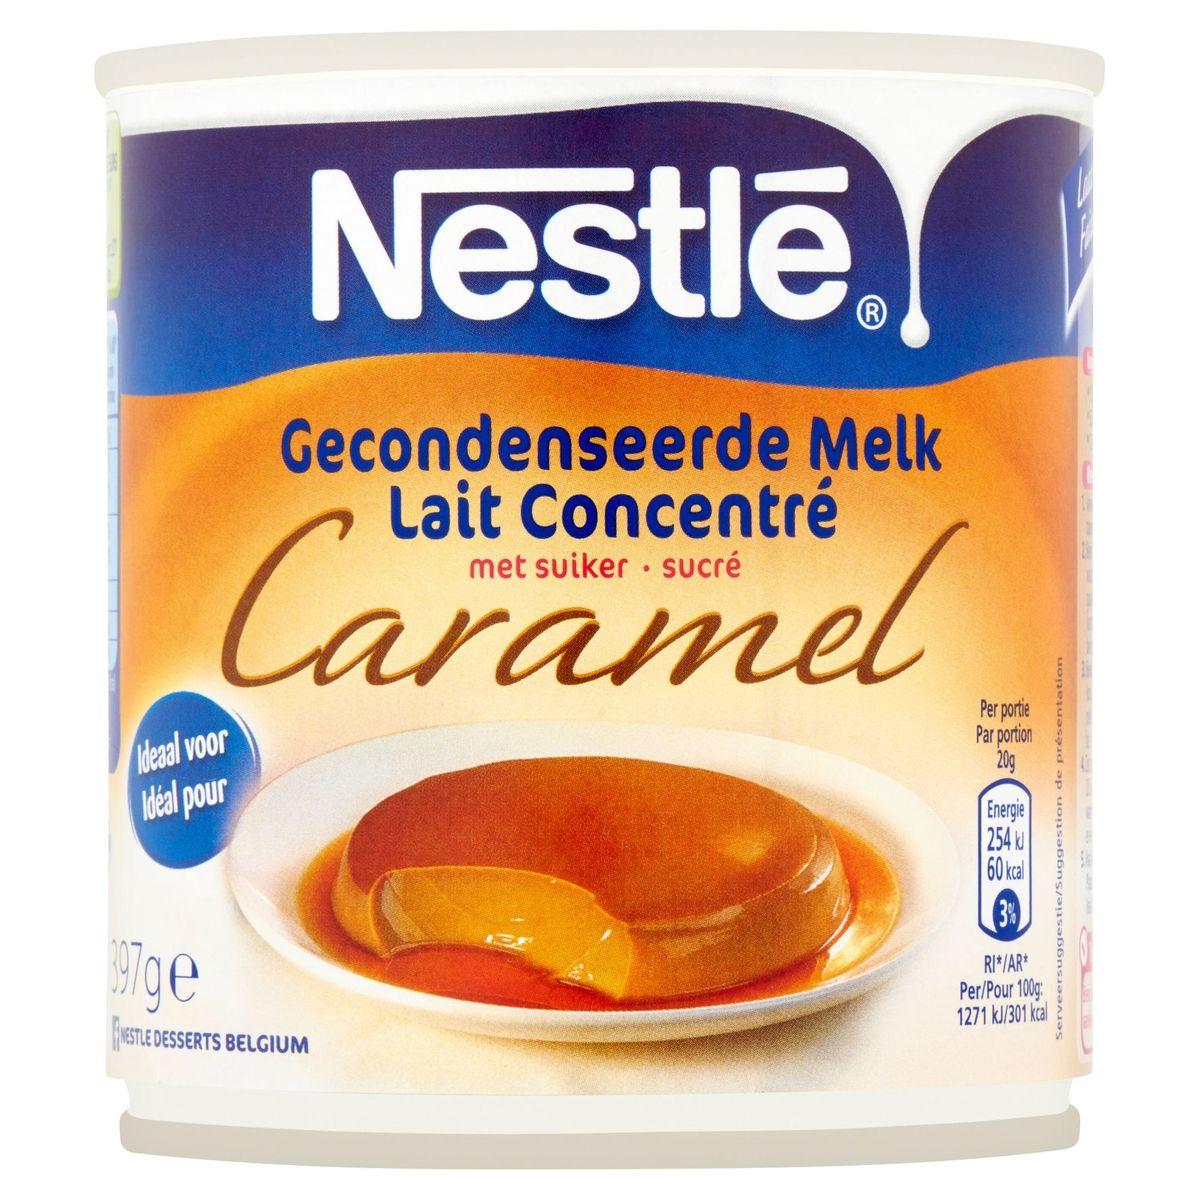 Nestlé Gecondenseerde Melk met Suiker Caramel 397 g